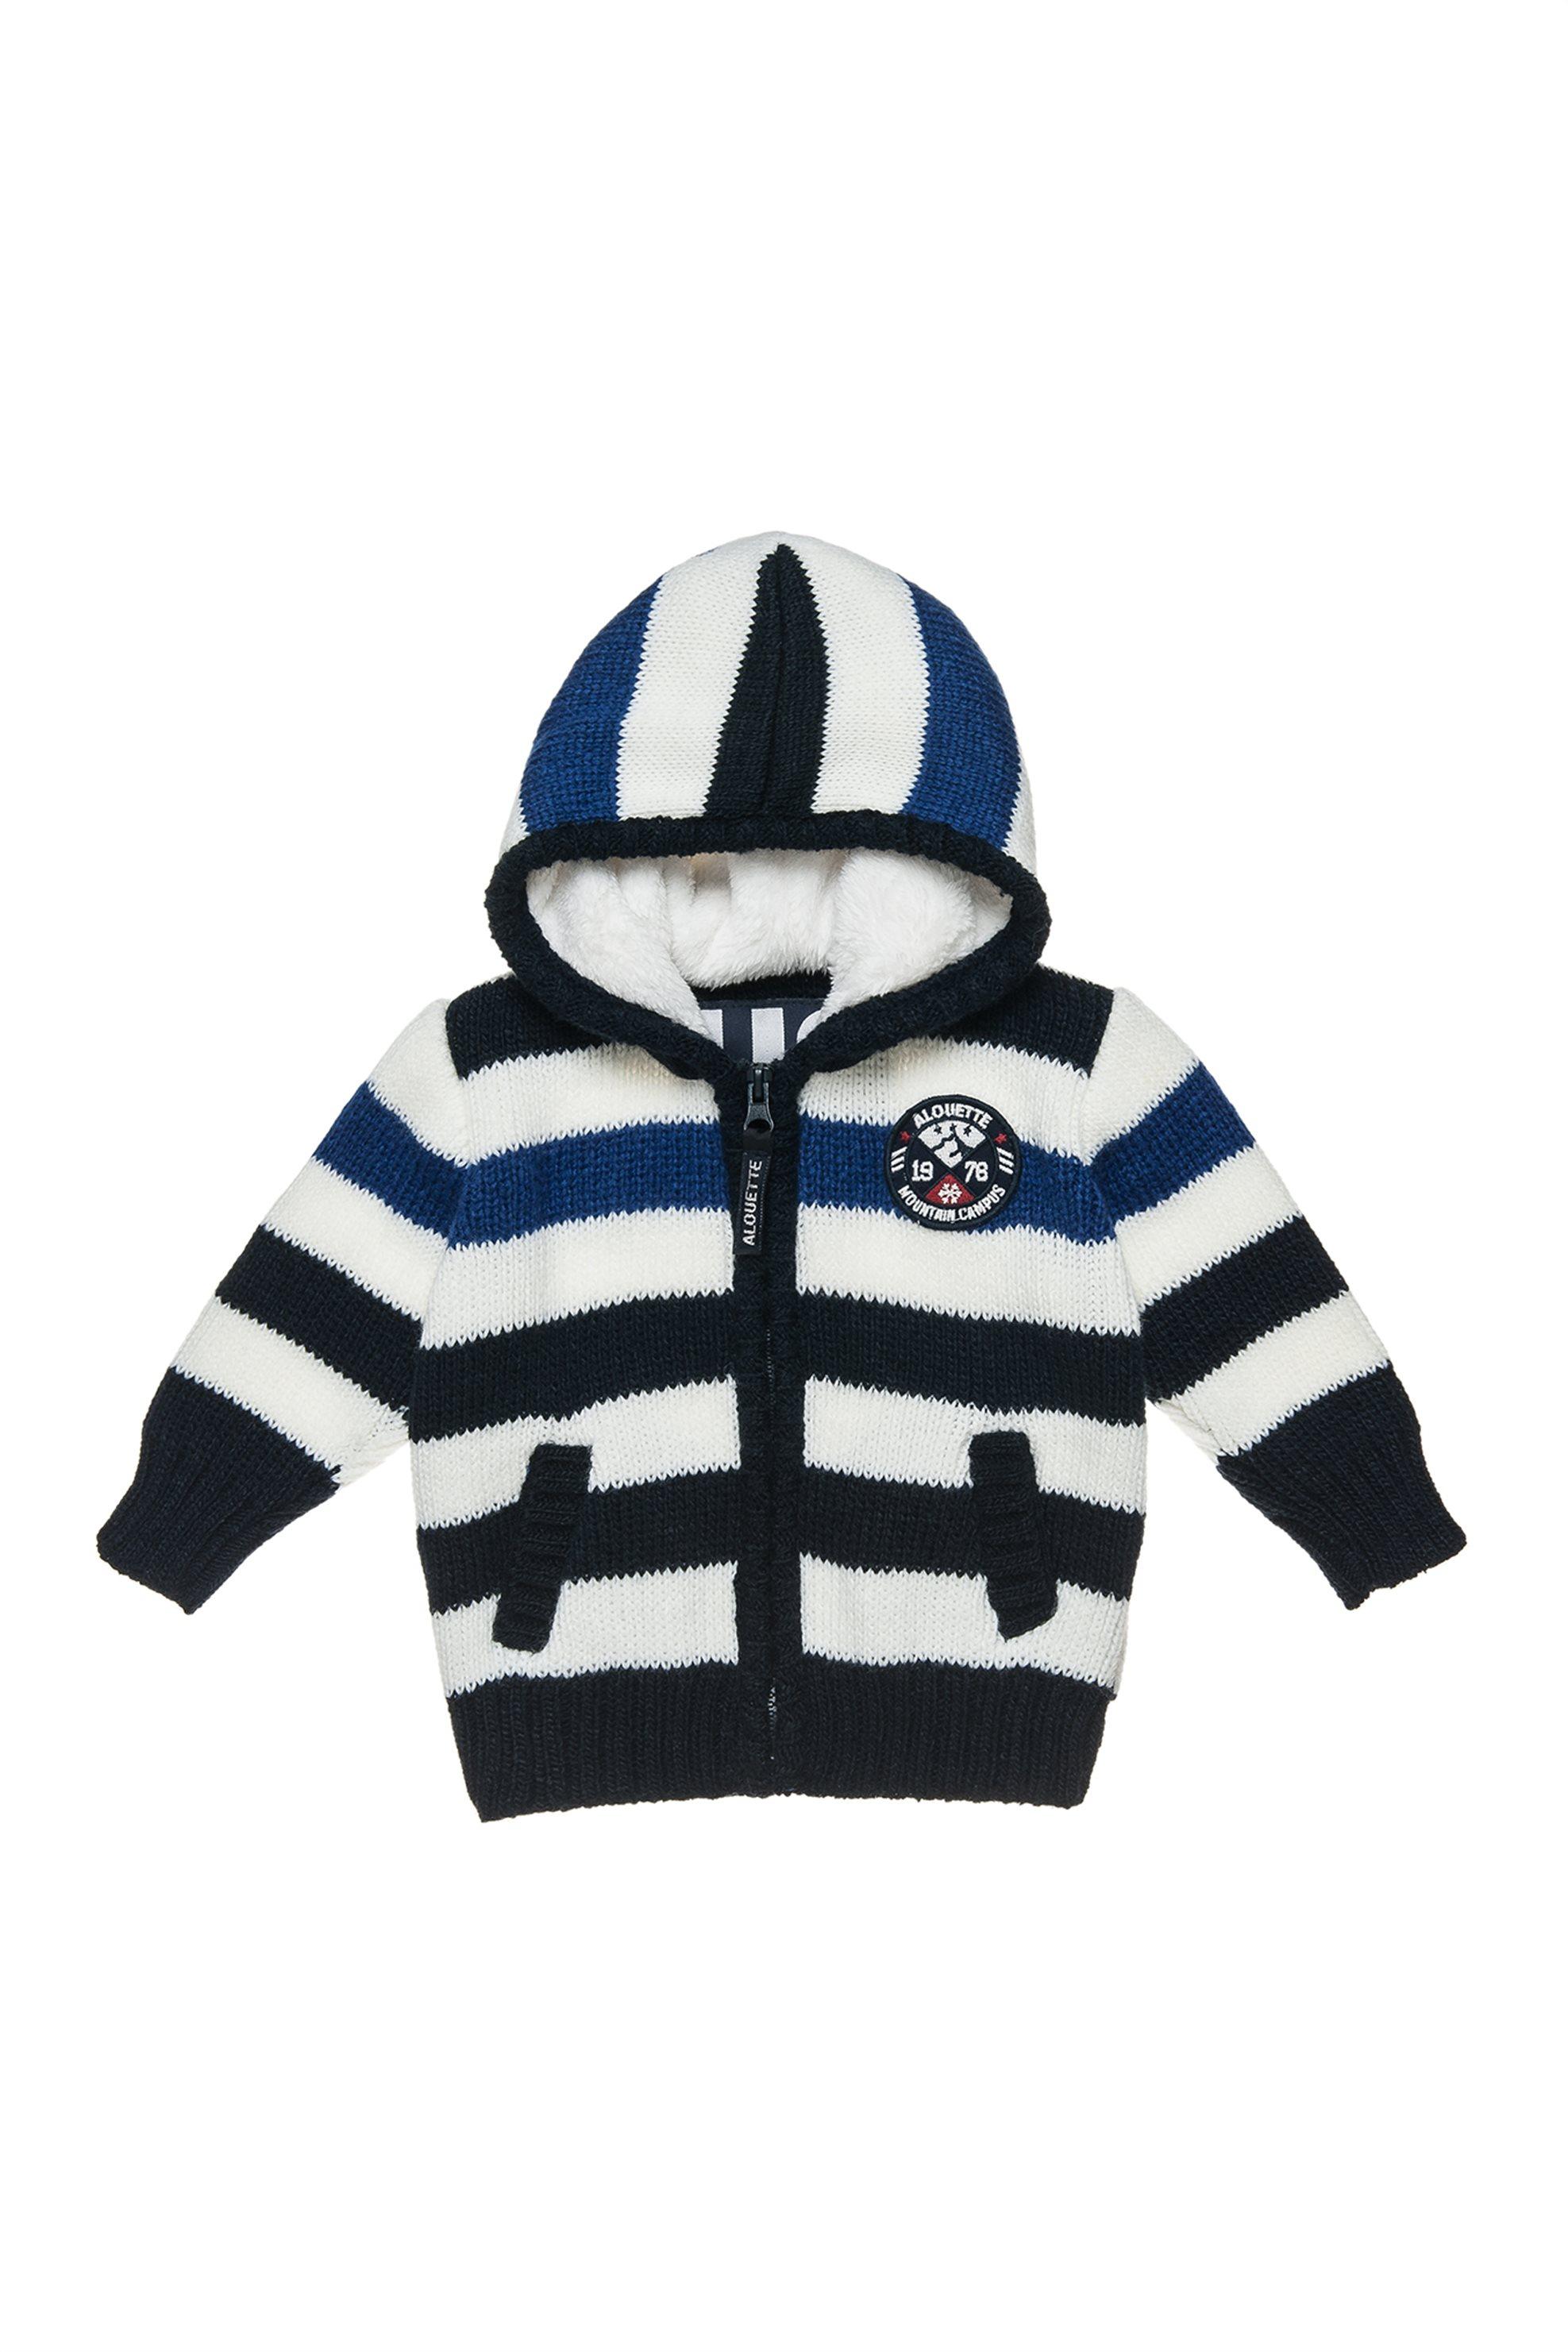 Αlouette παιδική πλεκτή ριγέ ζακέτα με κουκούλα - 00260993 - Μπλε παιδι   βρεφικα αγορι   0 3 ετων   αγορι   4 14 ετων   ρούχα   μπλουζάκια   παντ